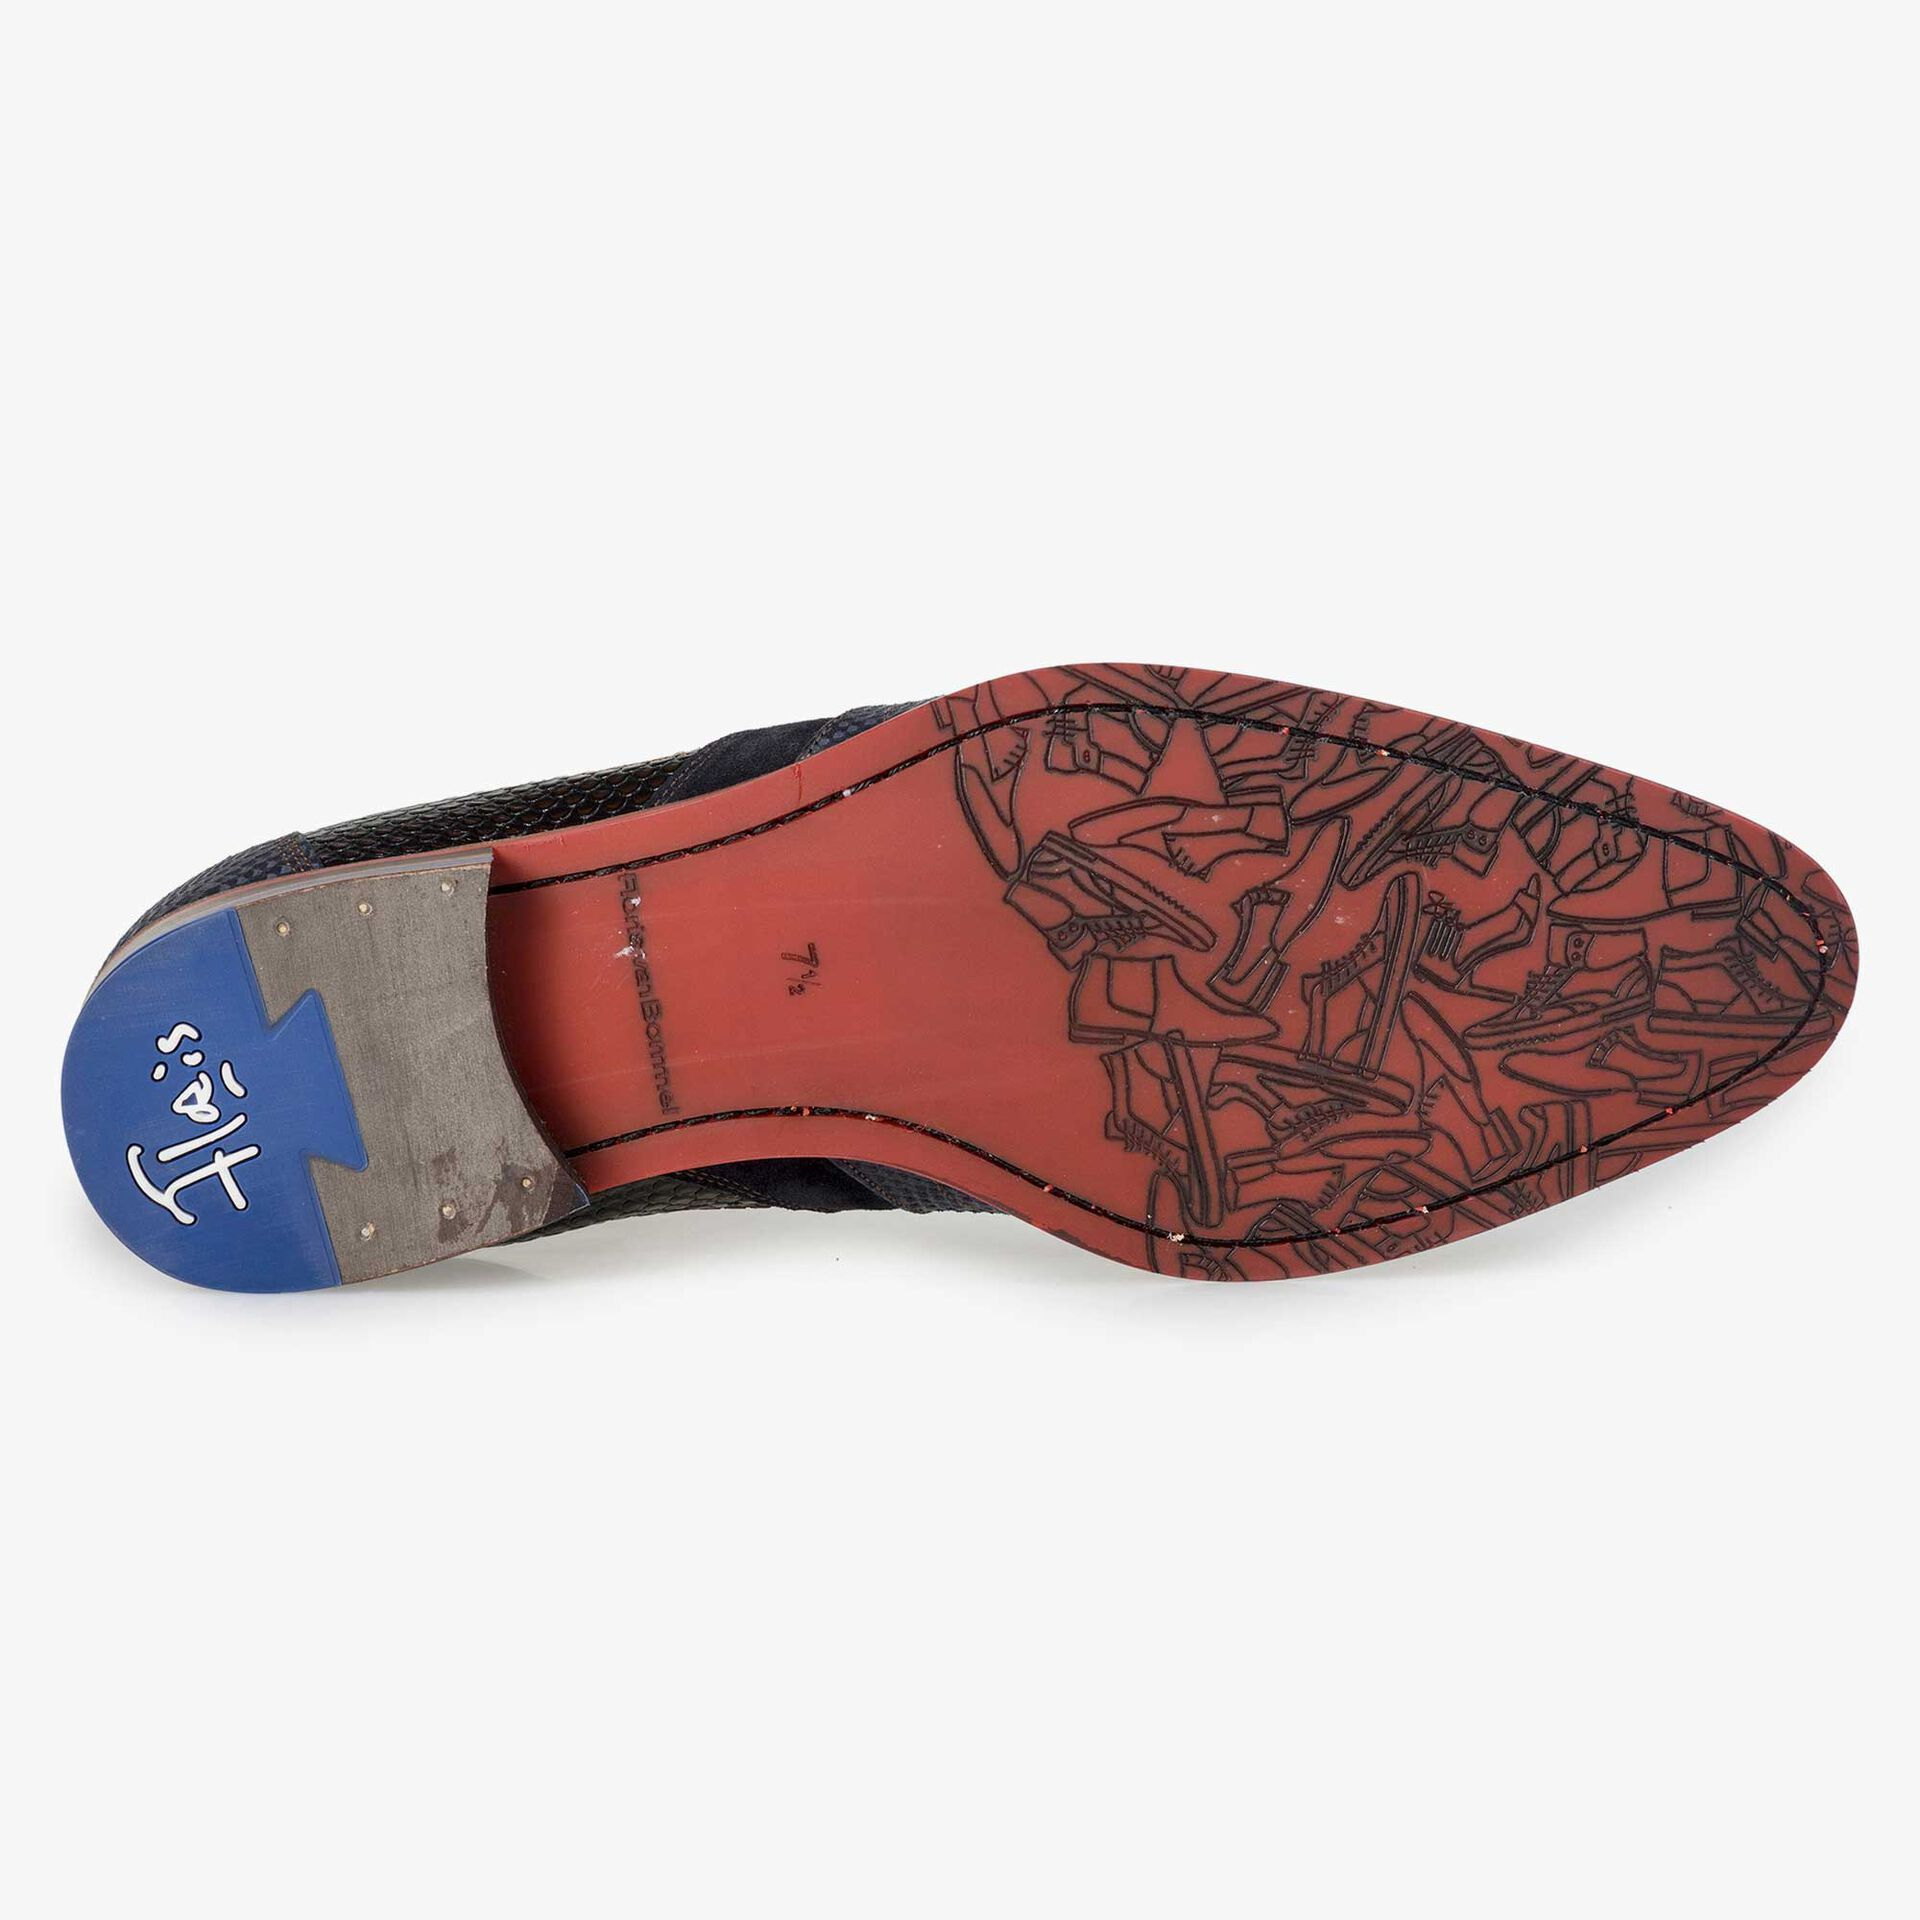 Floris van Bommel men's blue leather Chelsea boot